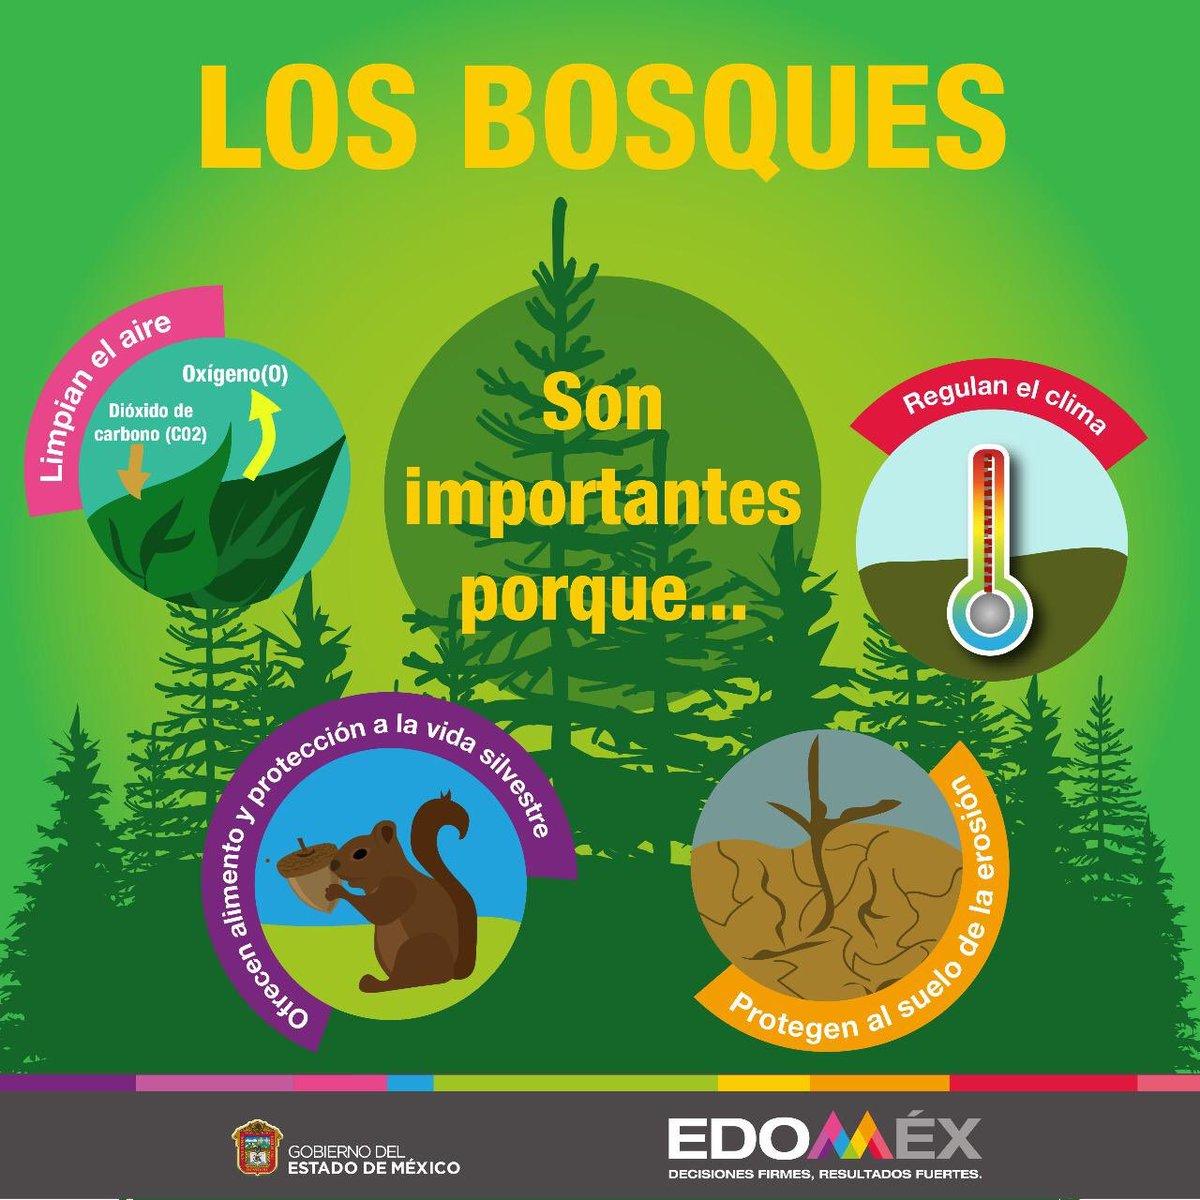 Sabes ¿Cuáles son los beneficios de los bosques?Se acerca el inicio de la temporada de reforestación, sigue las cuentas de @Probosque_ y @AmbienteEdomex para obtener más información de cómo participar con tu familia. #SinContaminaciónDelAire por un #EdoméxFuerte